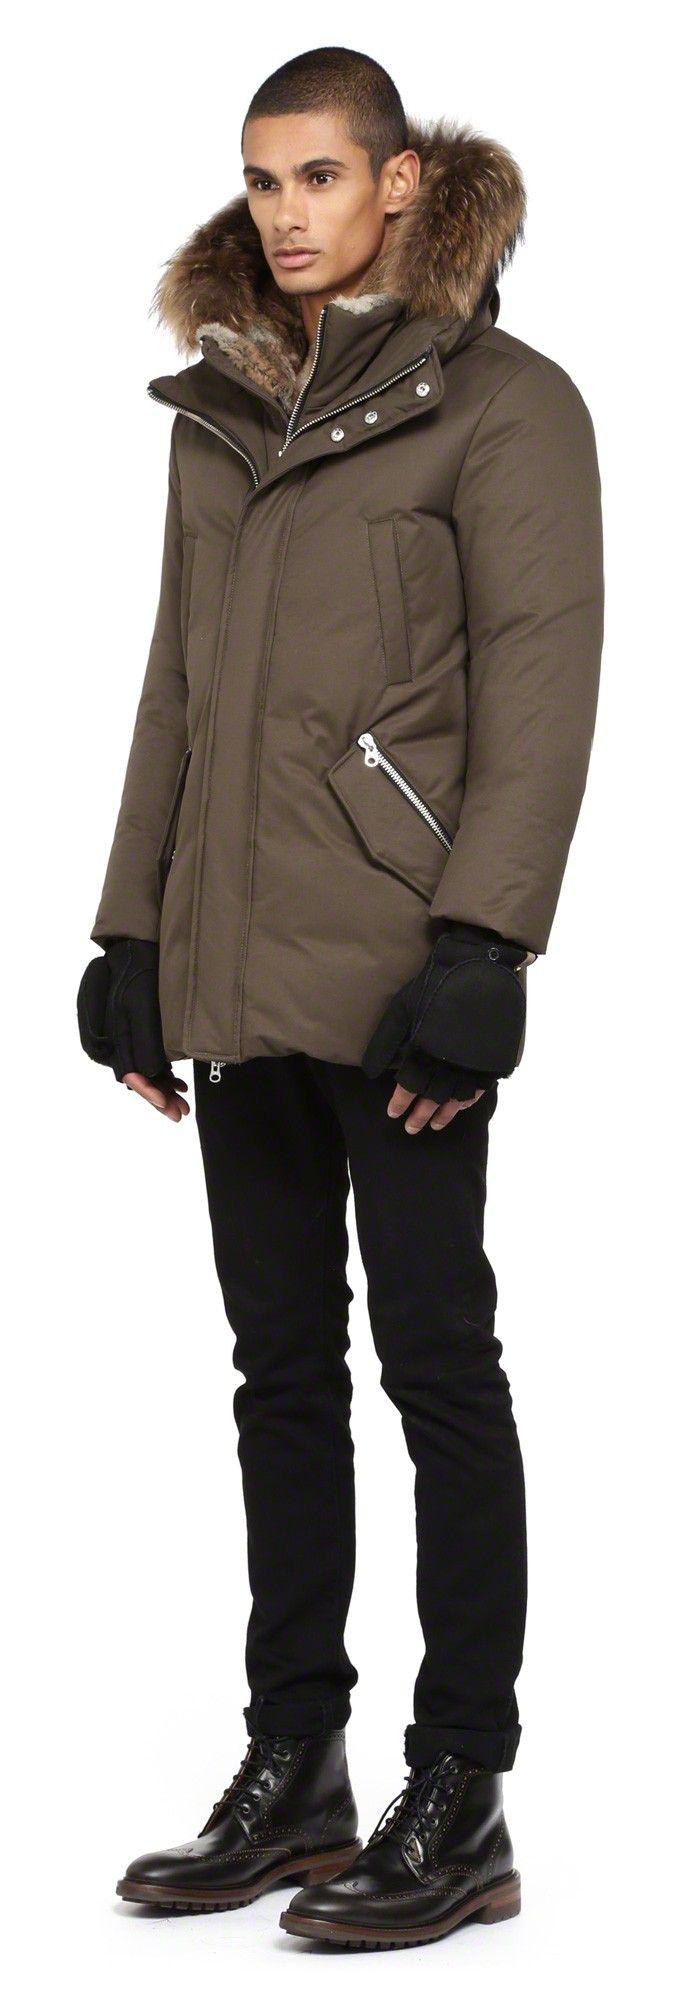 Mackage - LENNON-F4 BLACK SHEEPSKIN CUT-OUT FINGER GLOVES FOR MEN. www.mackage.com #luxuryaccessories #shearling #mitts #menswear #fw14 #leathergloves